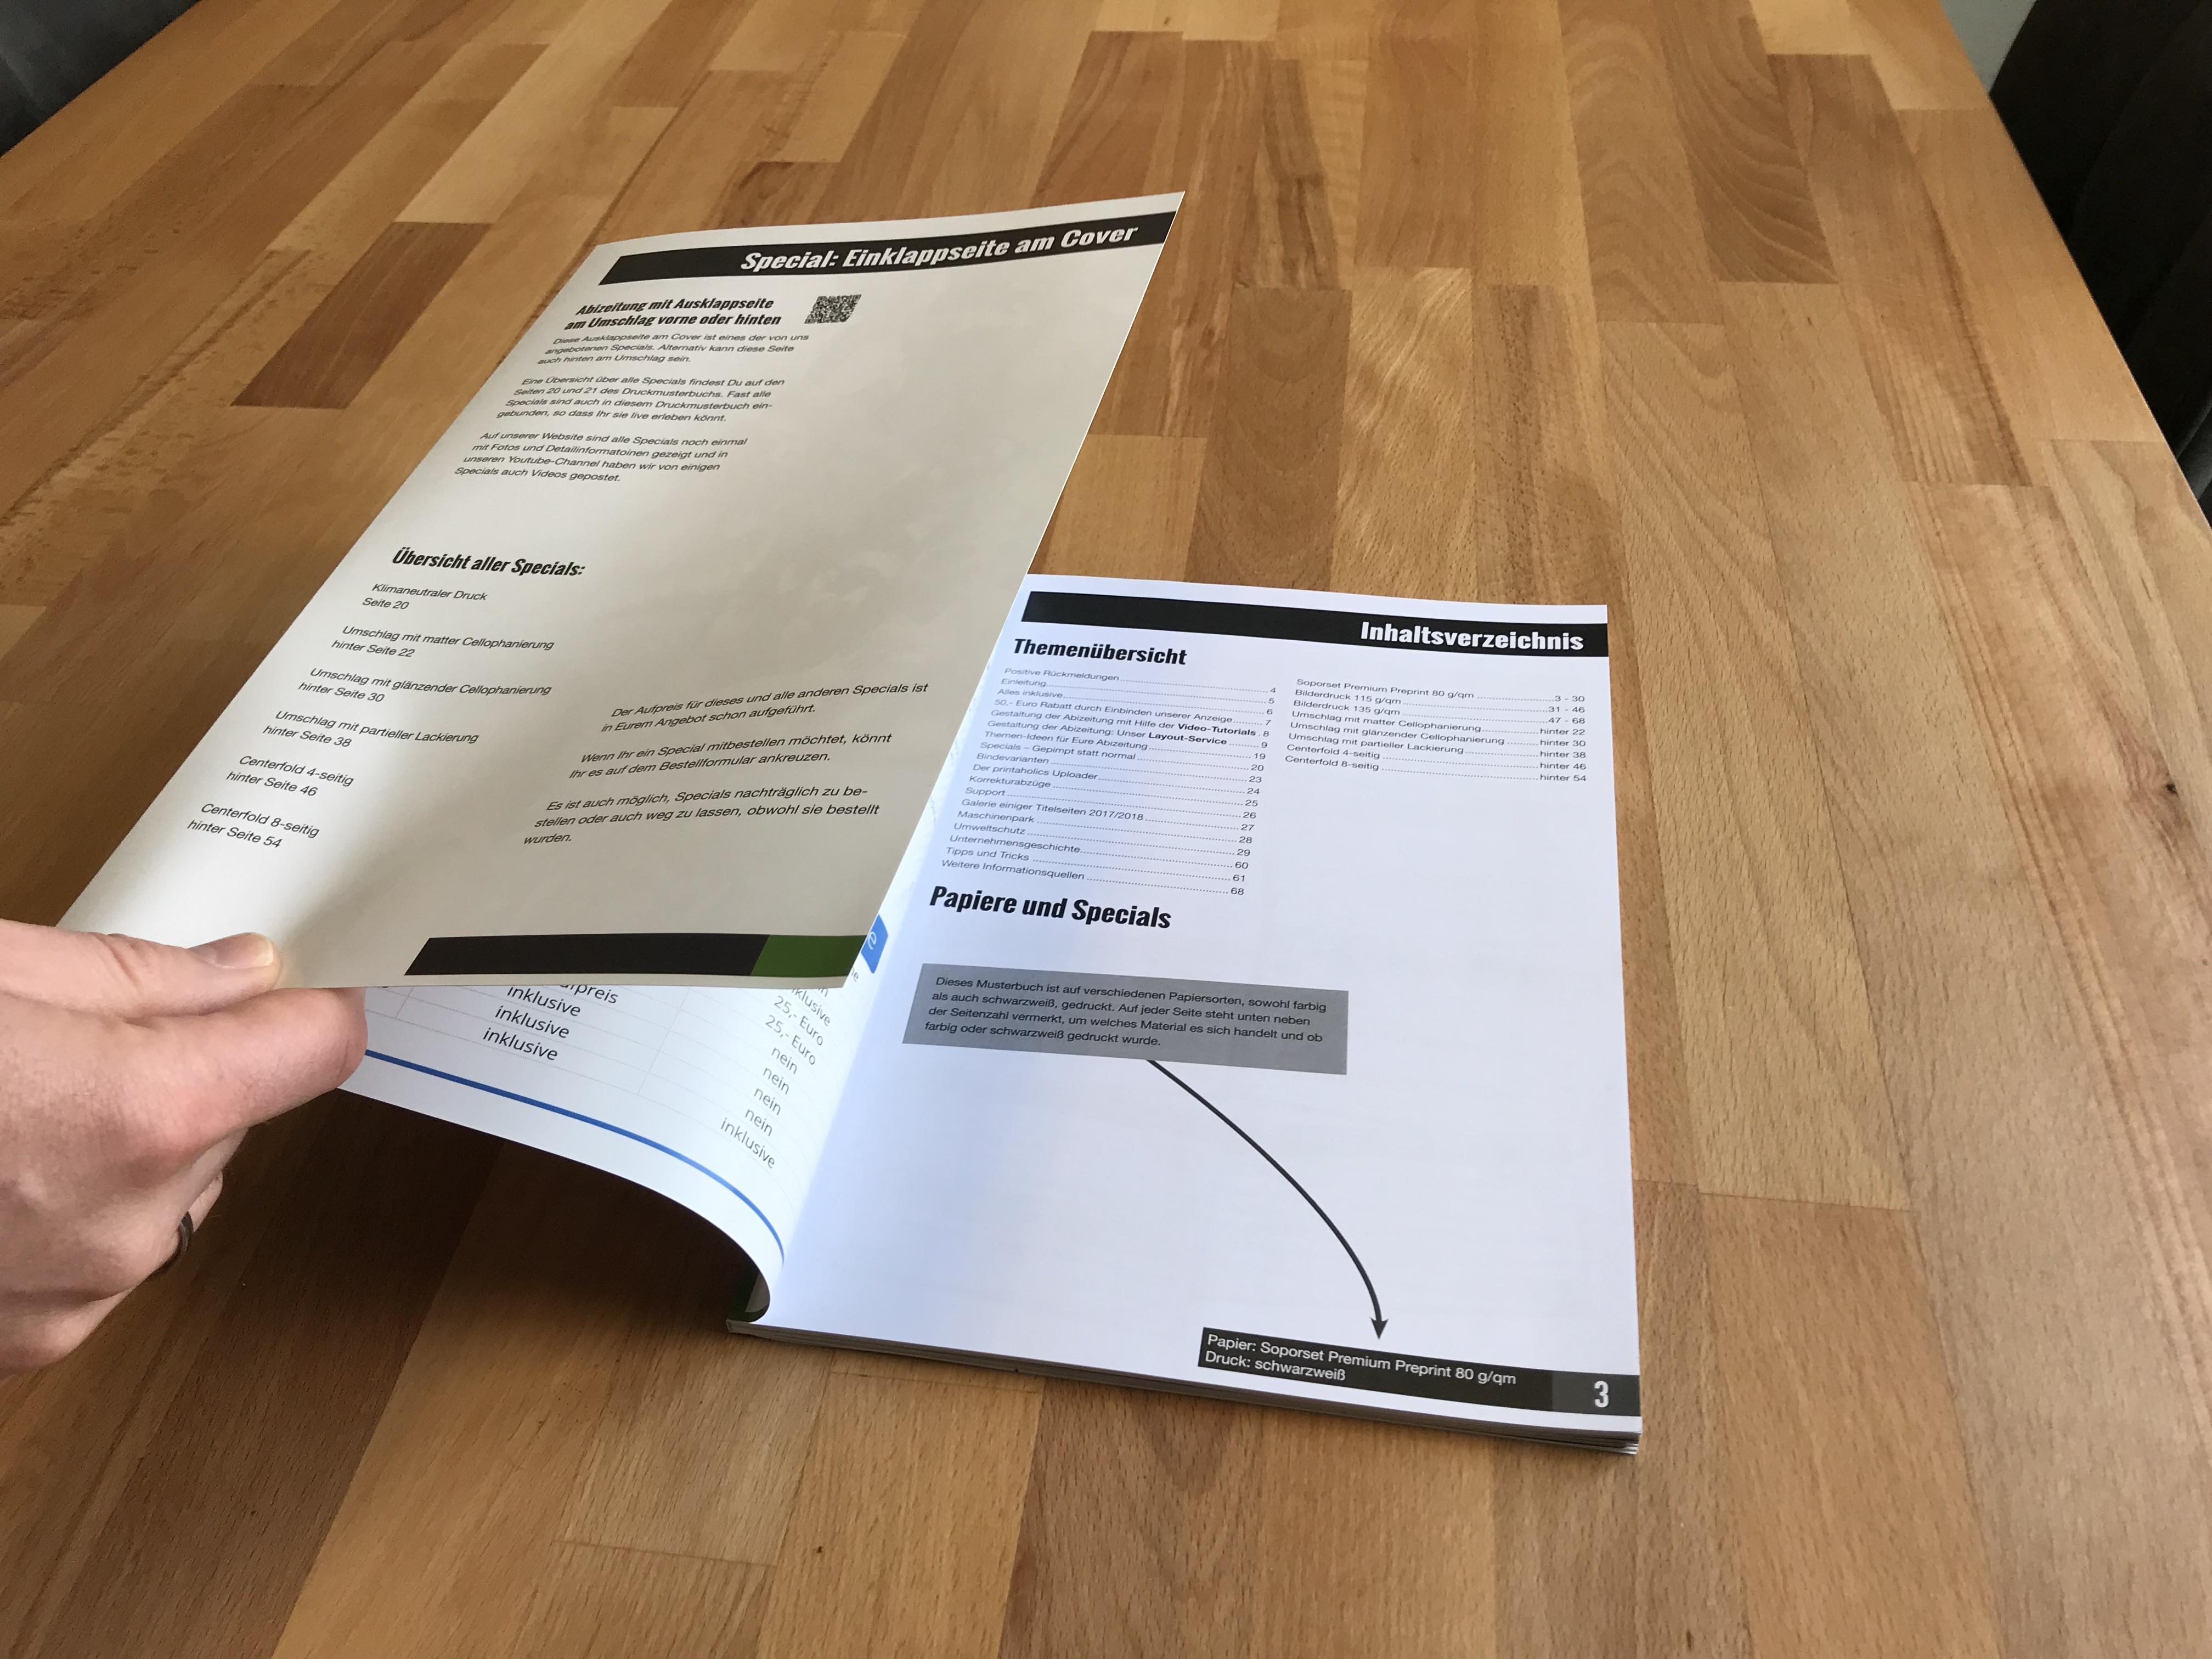 [Translate to Österreich:] Klappcover Umschlag vorne Abizeitung weiter aufgeklappt